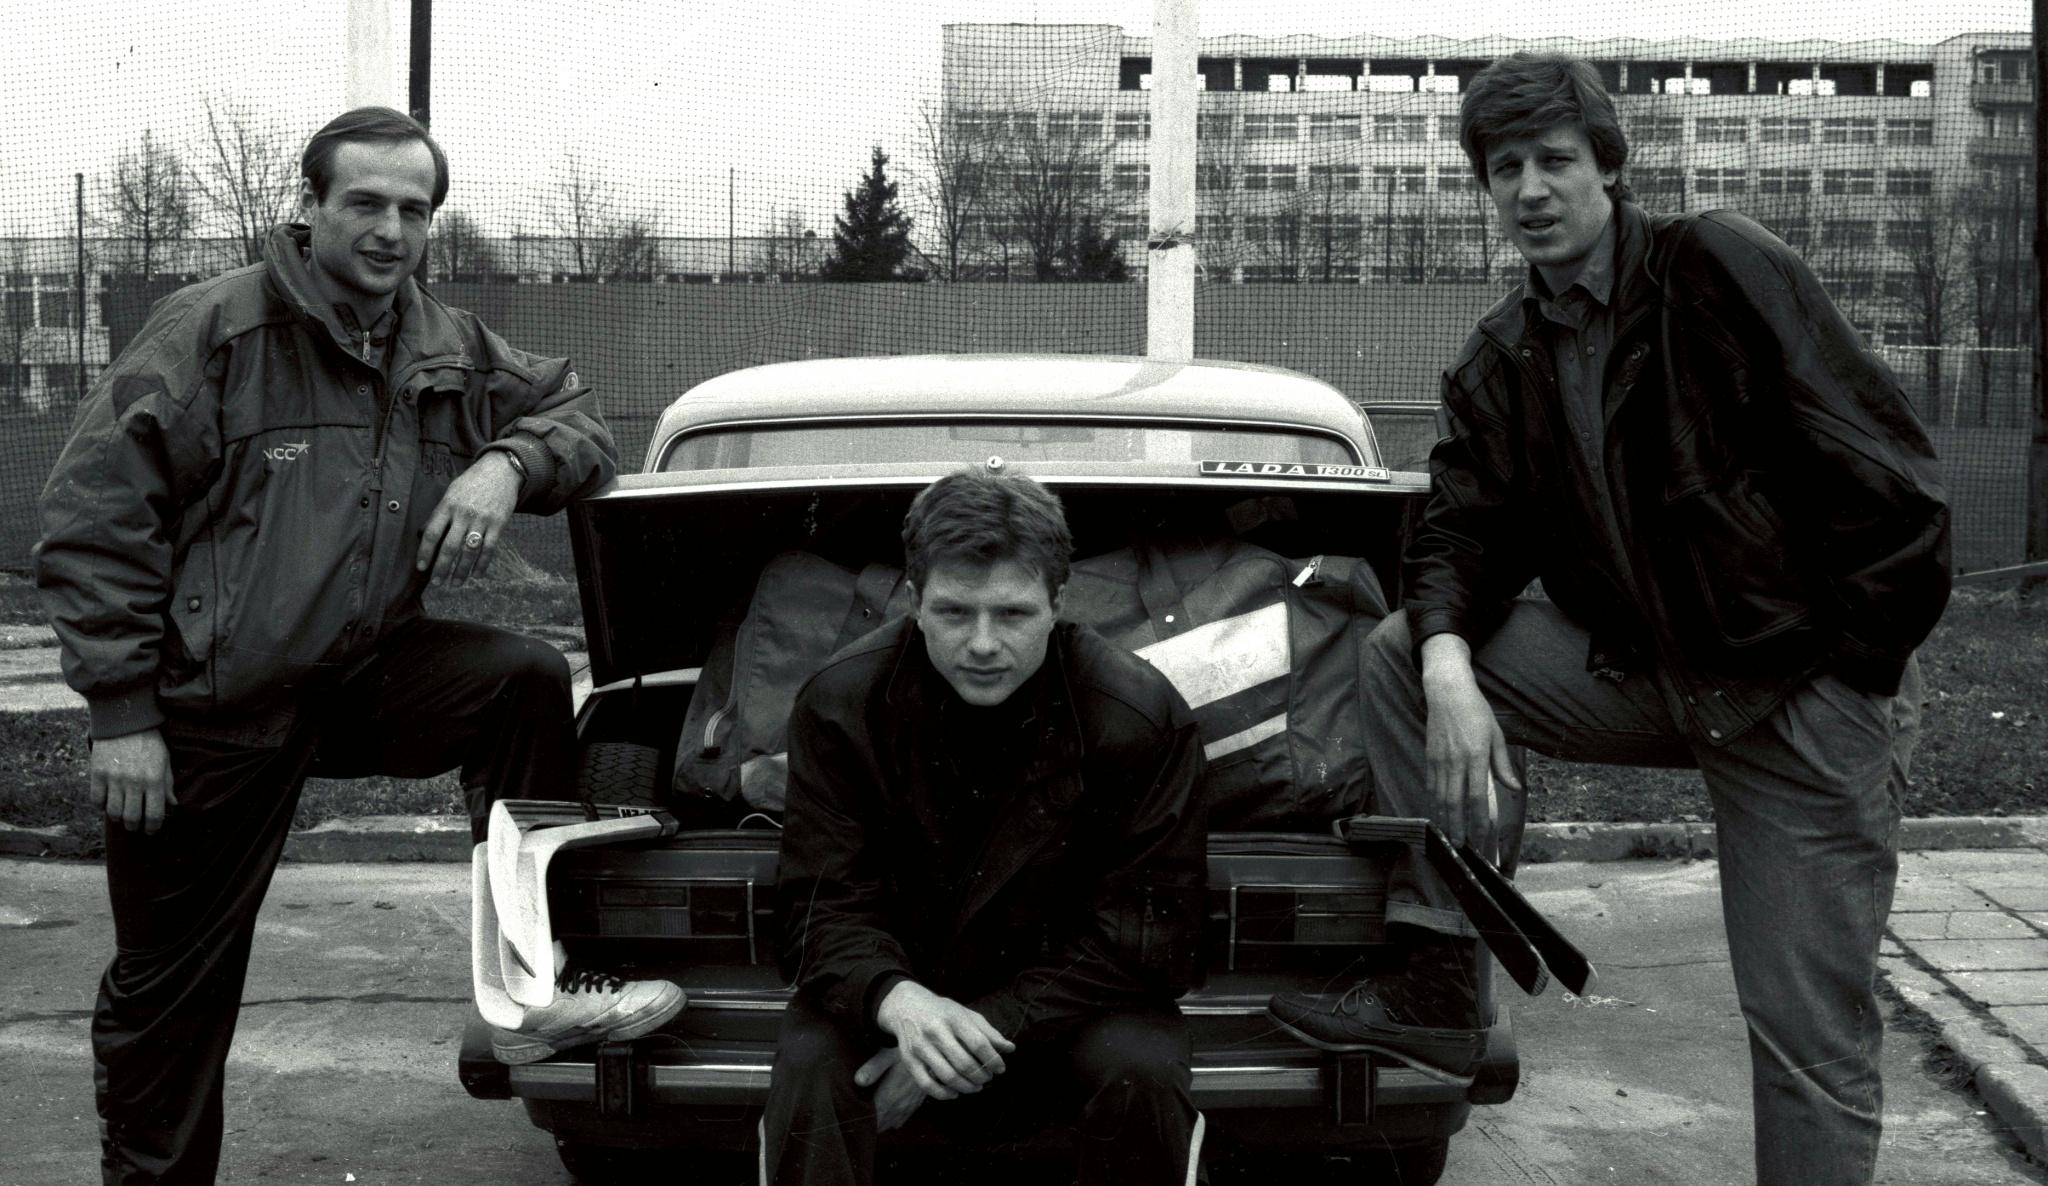 Илья Бякин, Алексей Жамнов и Дмитрий Миронов. Фото: Владимир Беззубов